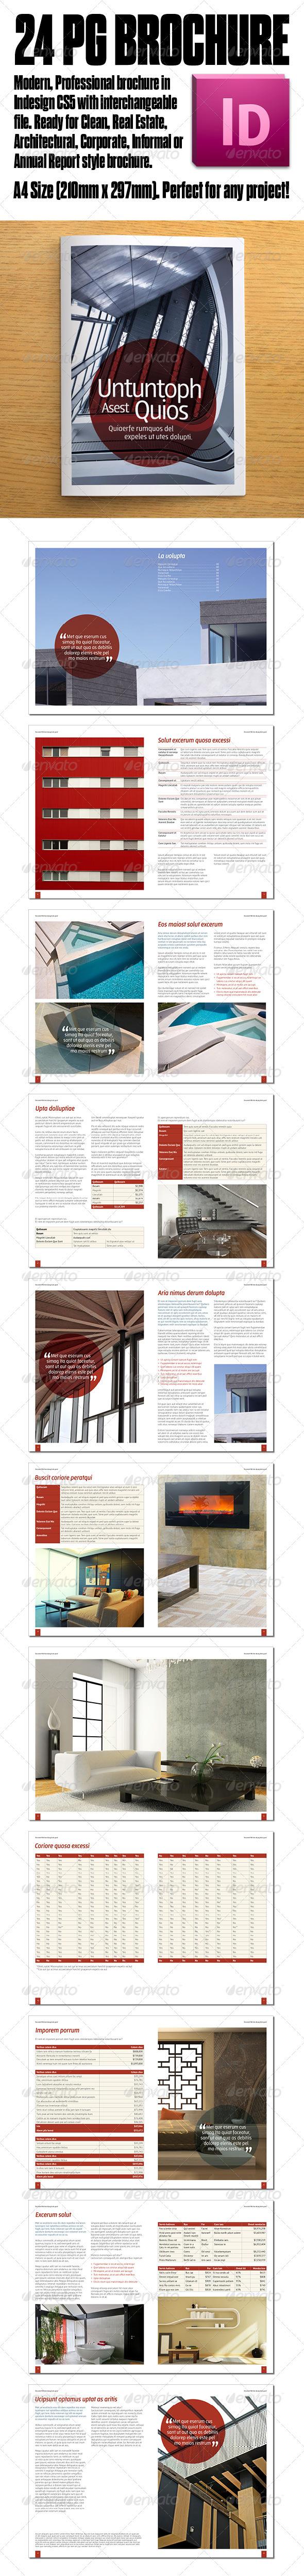 GraphicRiver Architecture Report Corporate 24pg Brochure 3523566